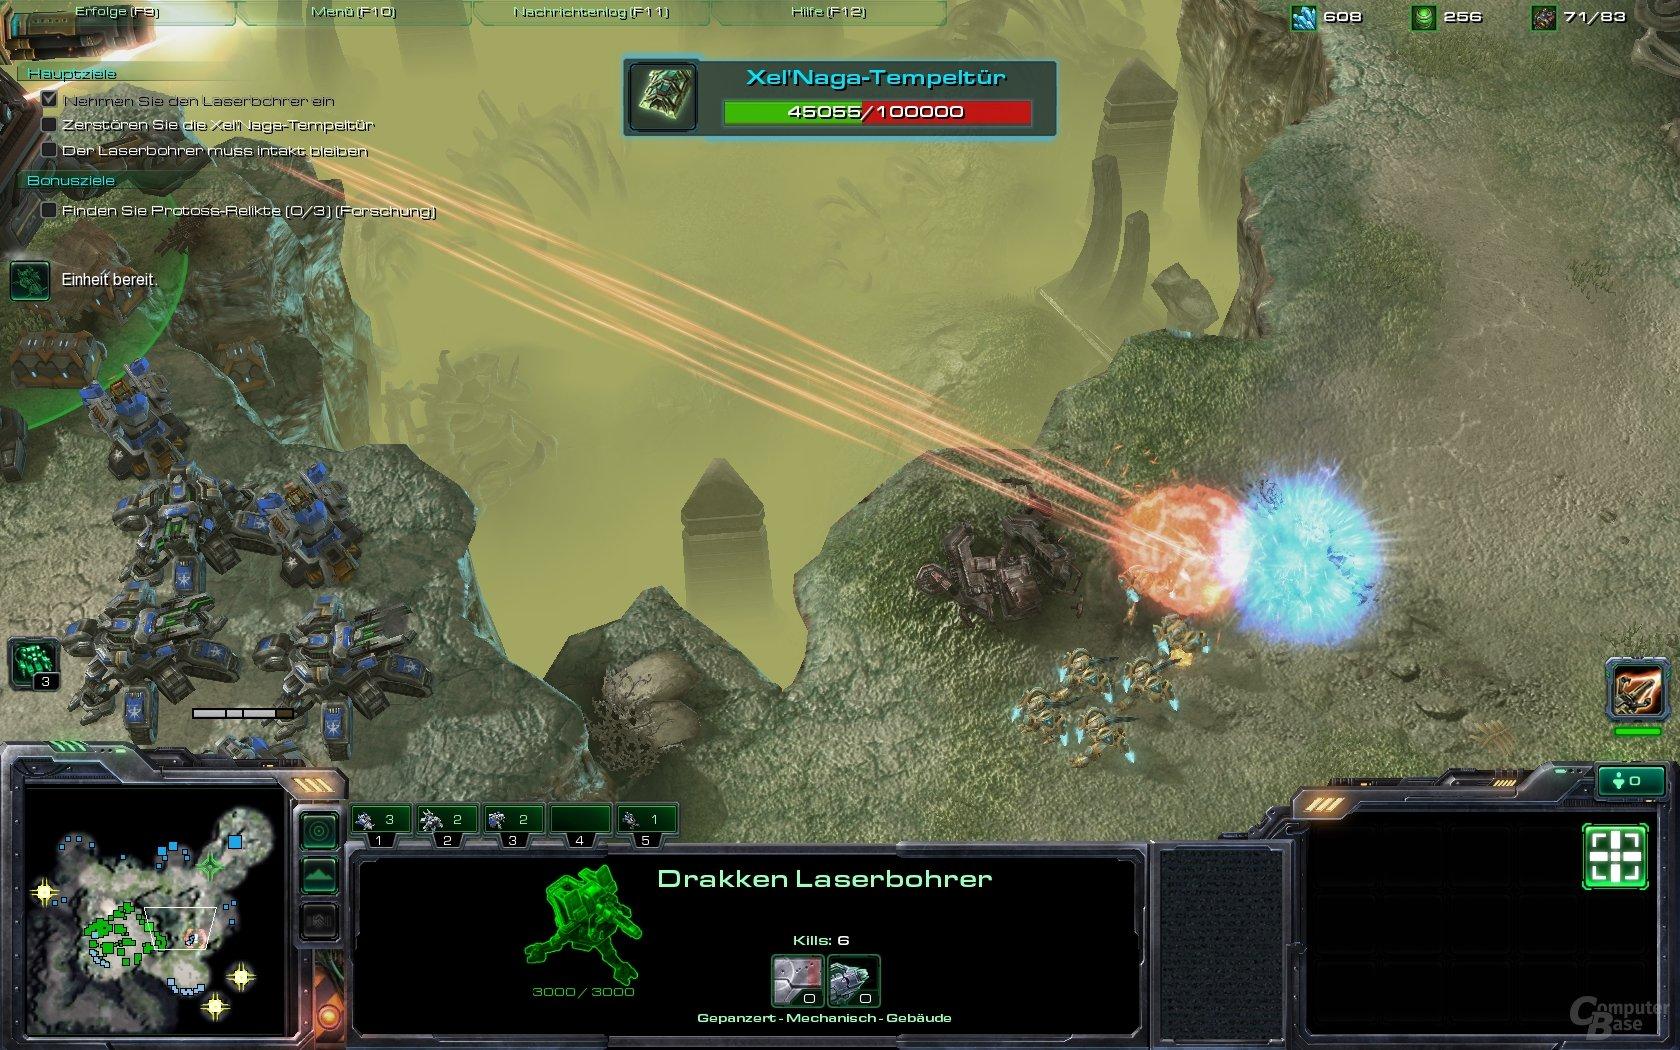 Ansehnlich: Gigantischer Laser in Aktion